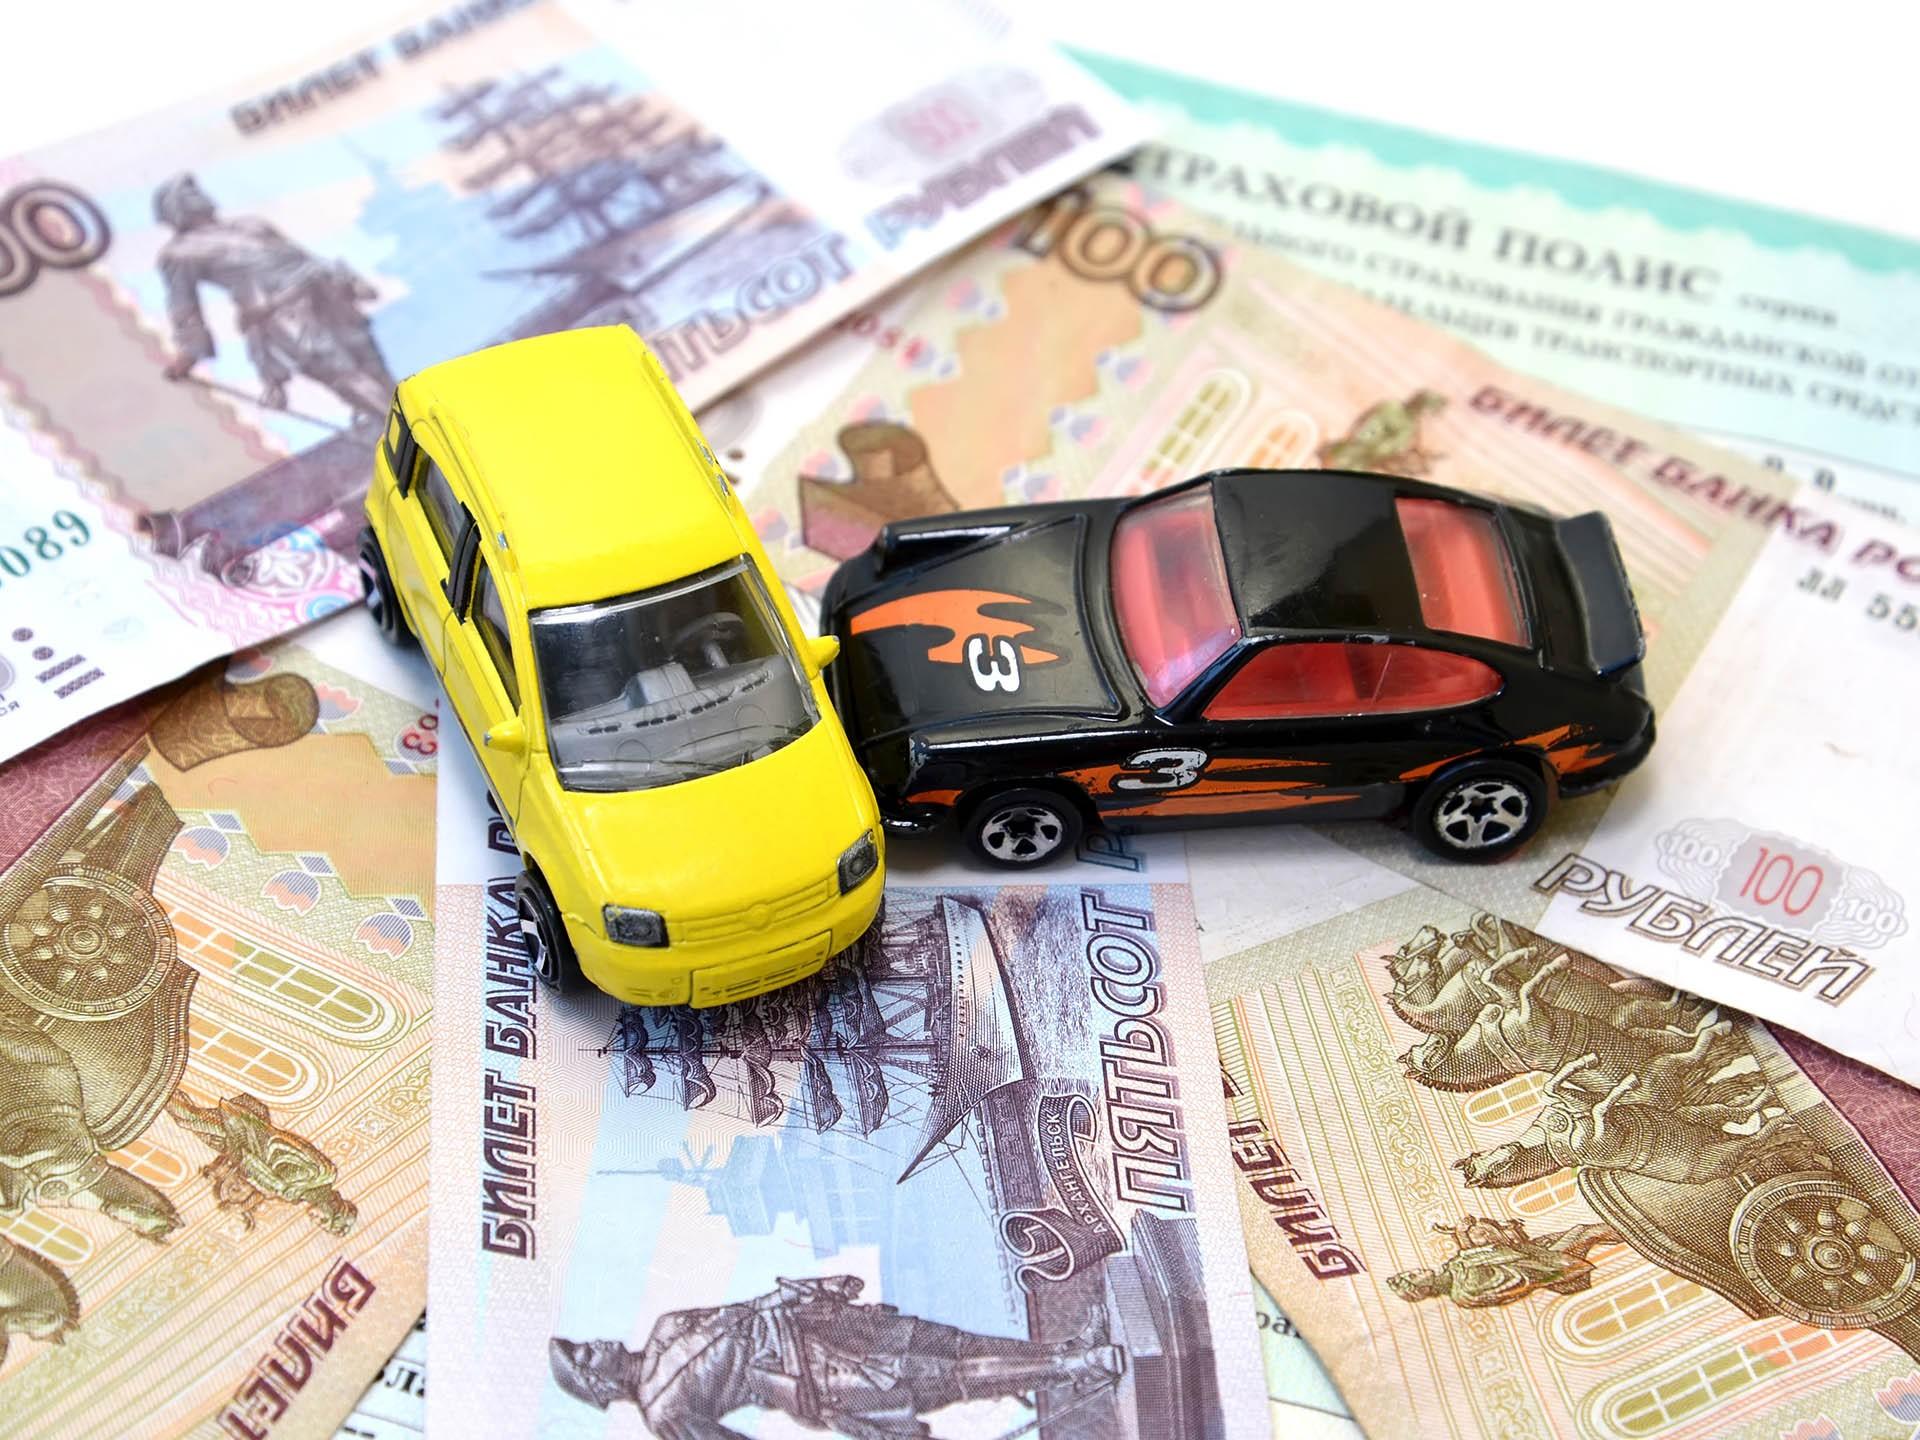 Как купить полис ОСАГО и сэкономить? Разбираемся с сервисом bip.ru